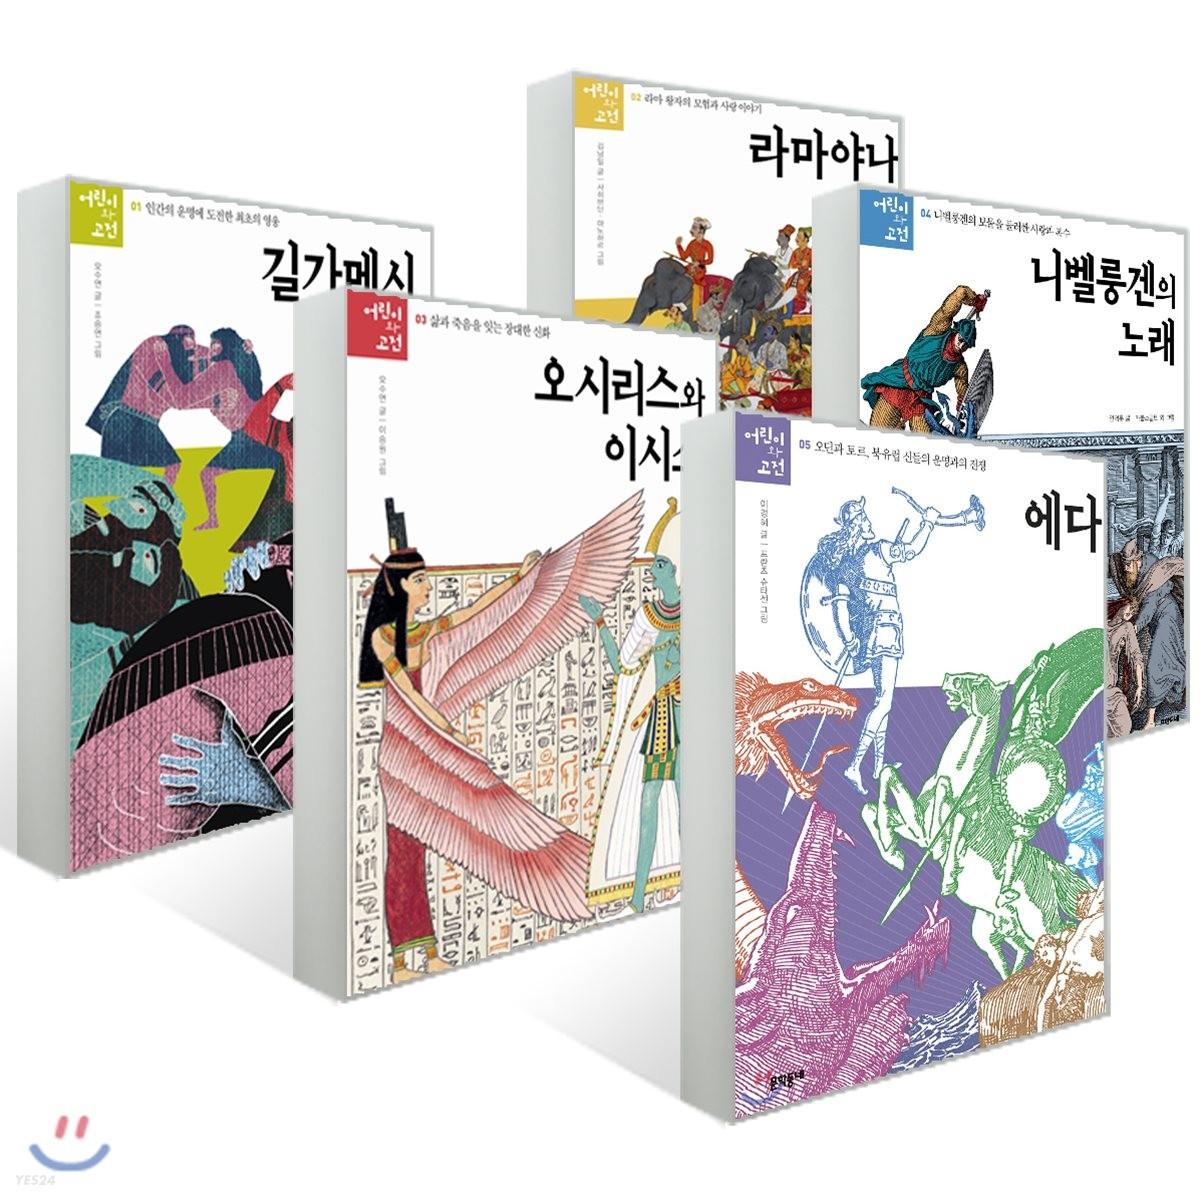 어린이와 고전 시리즈 5 권 세트